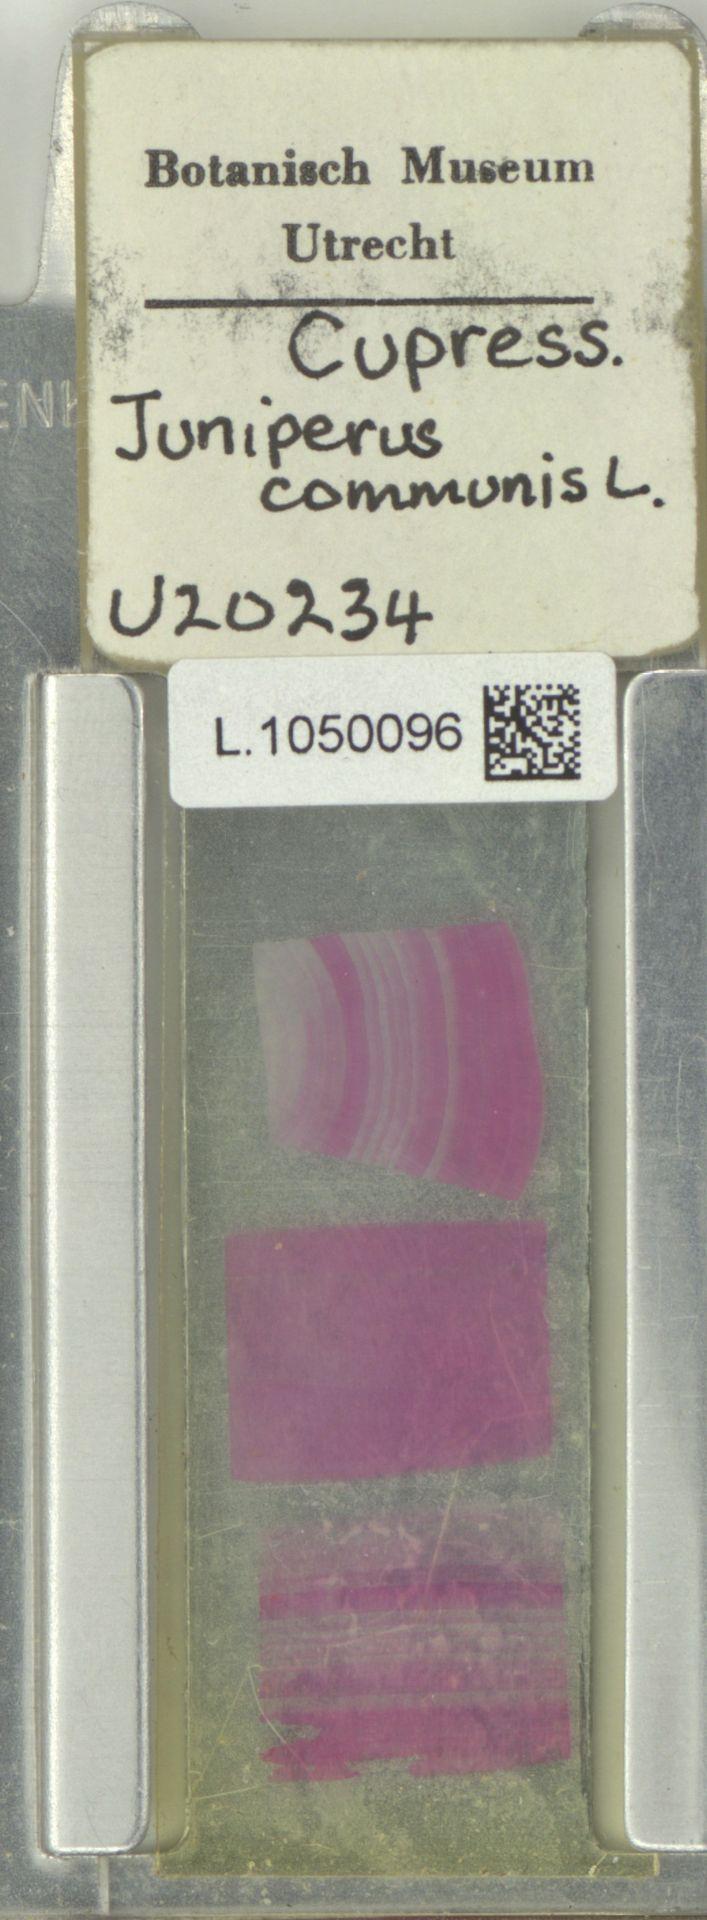 L.1050096 | Juniperus communis L.